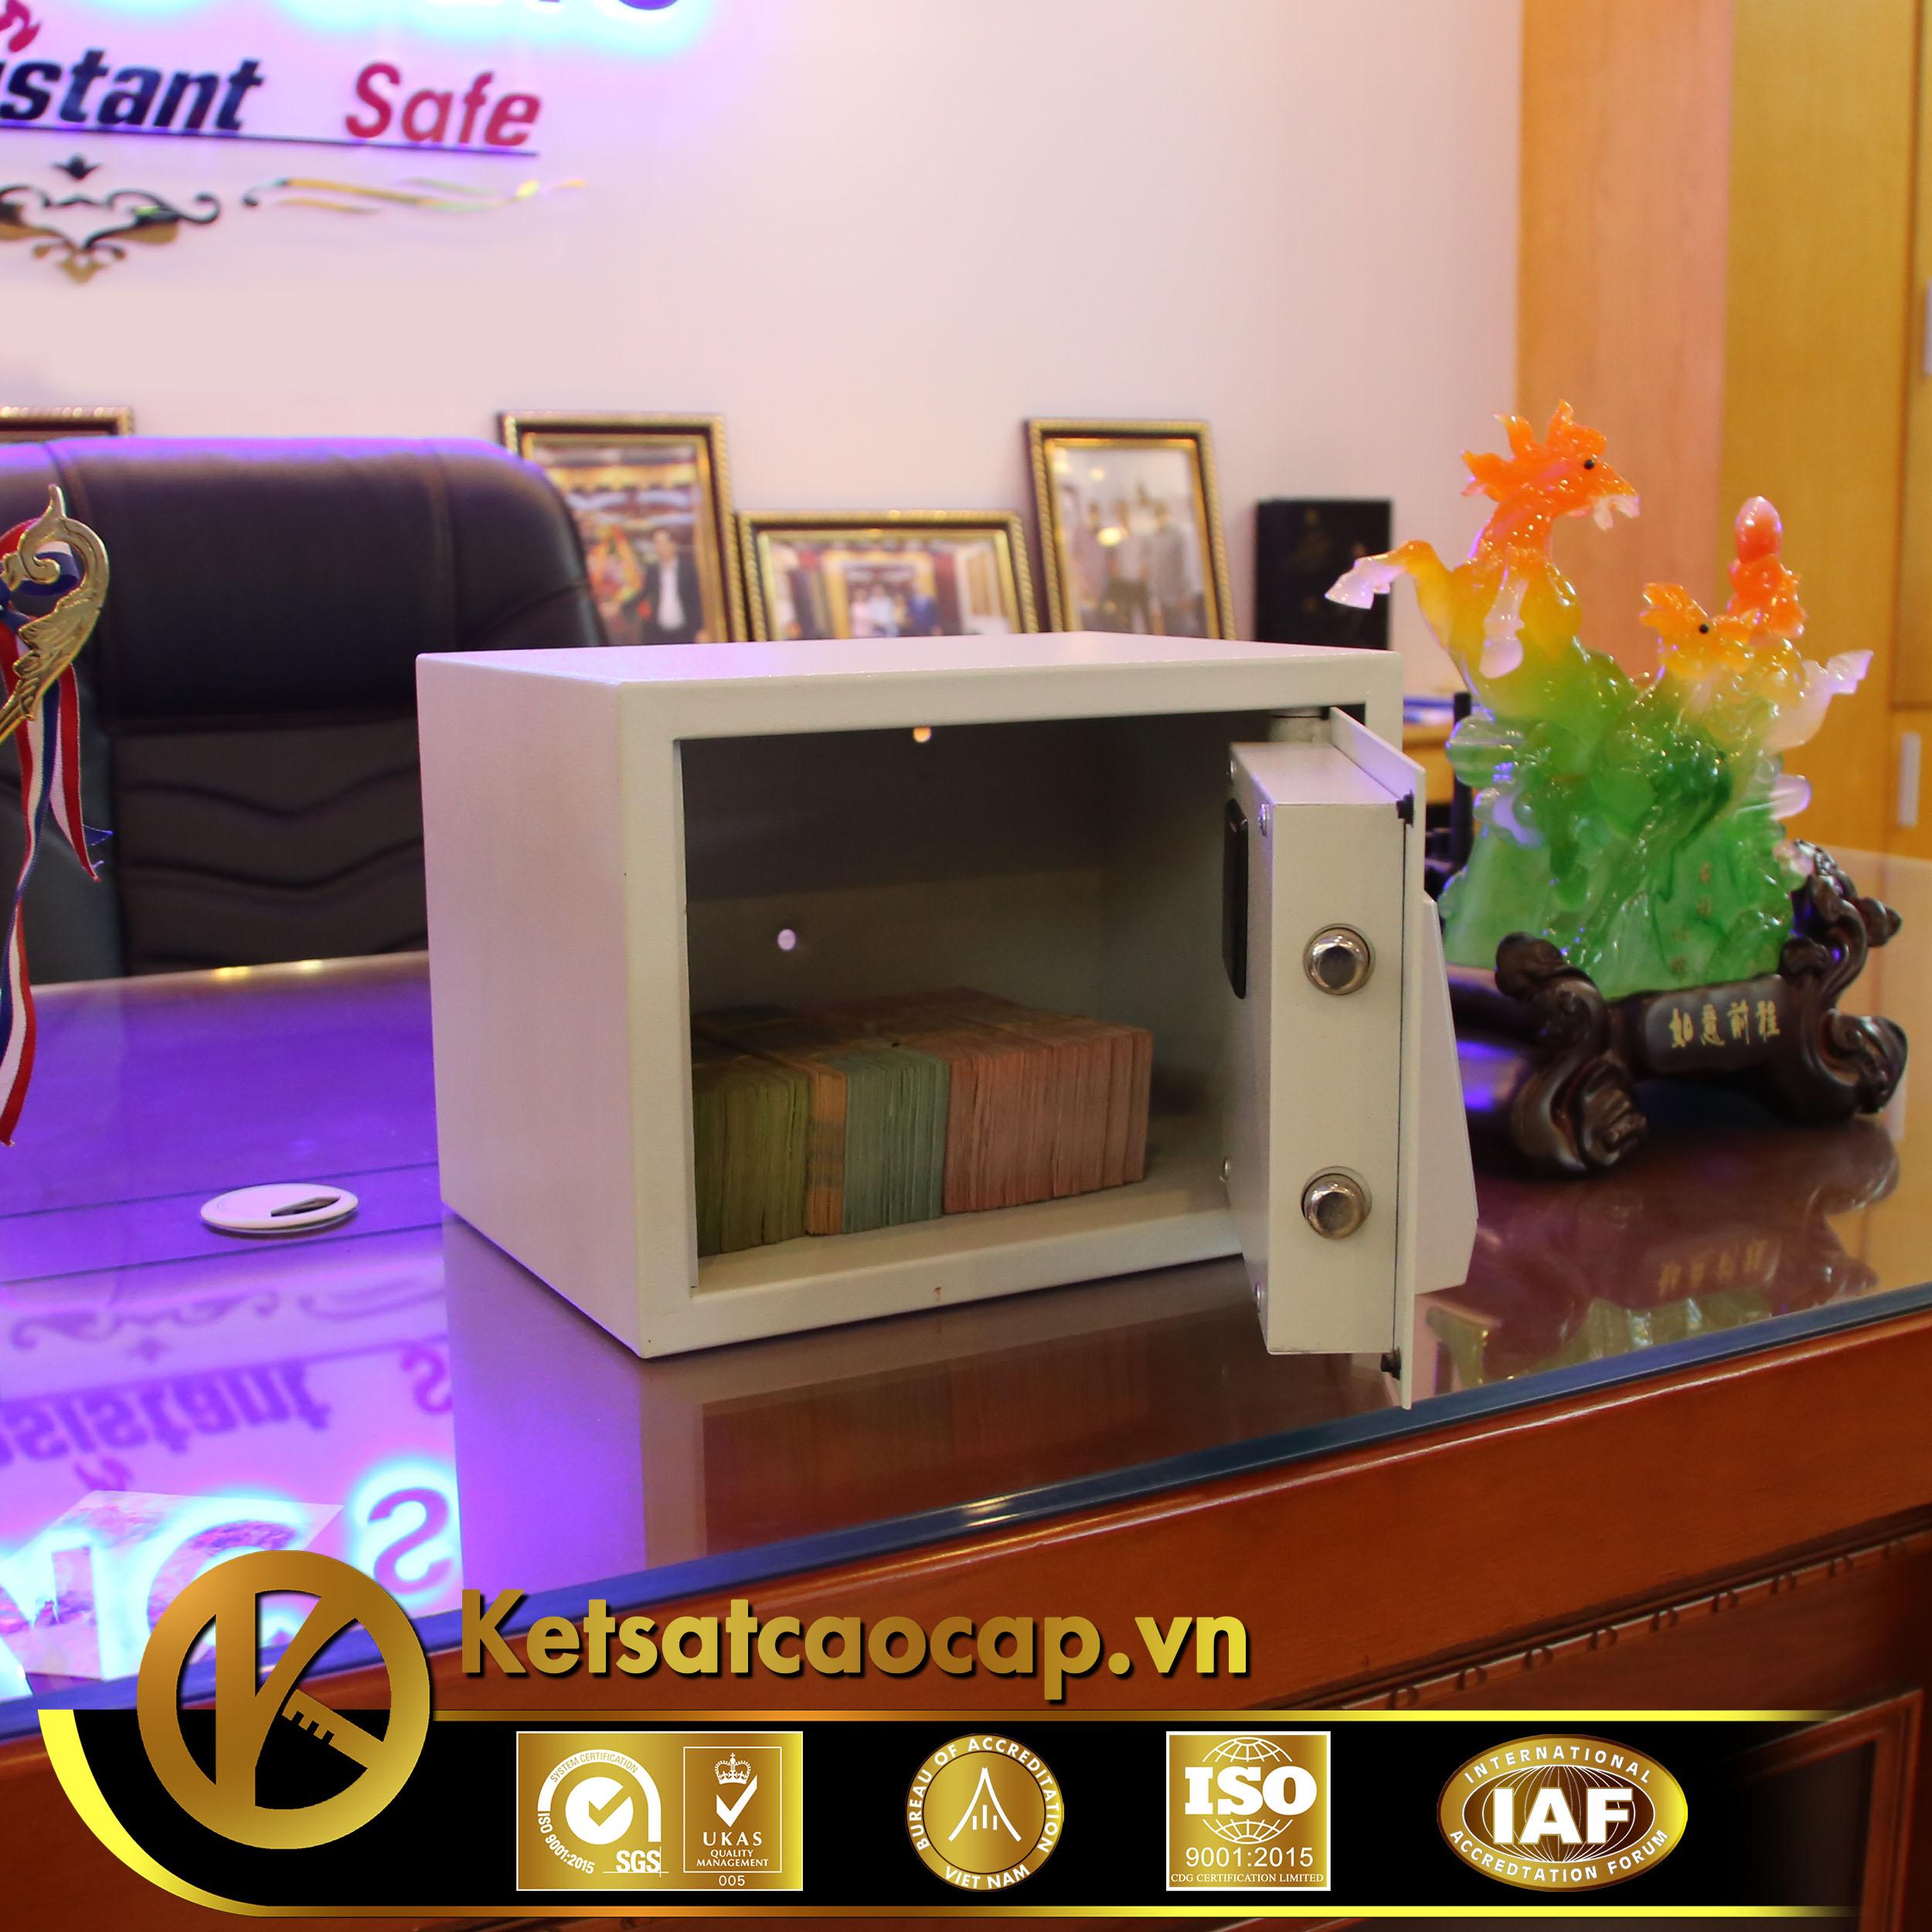 Két sắt khách sạn cao cấp KS421-ACT VUÔNG